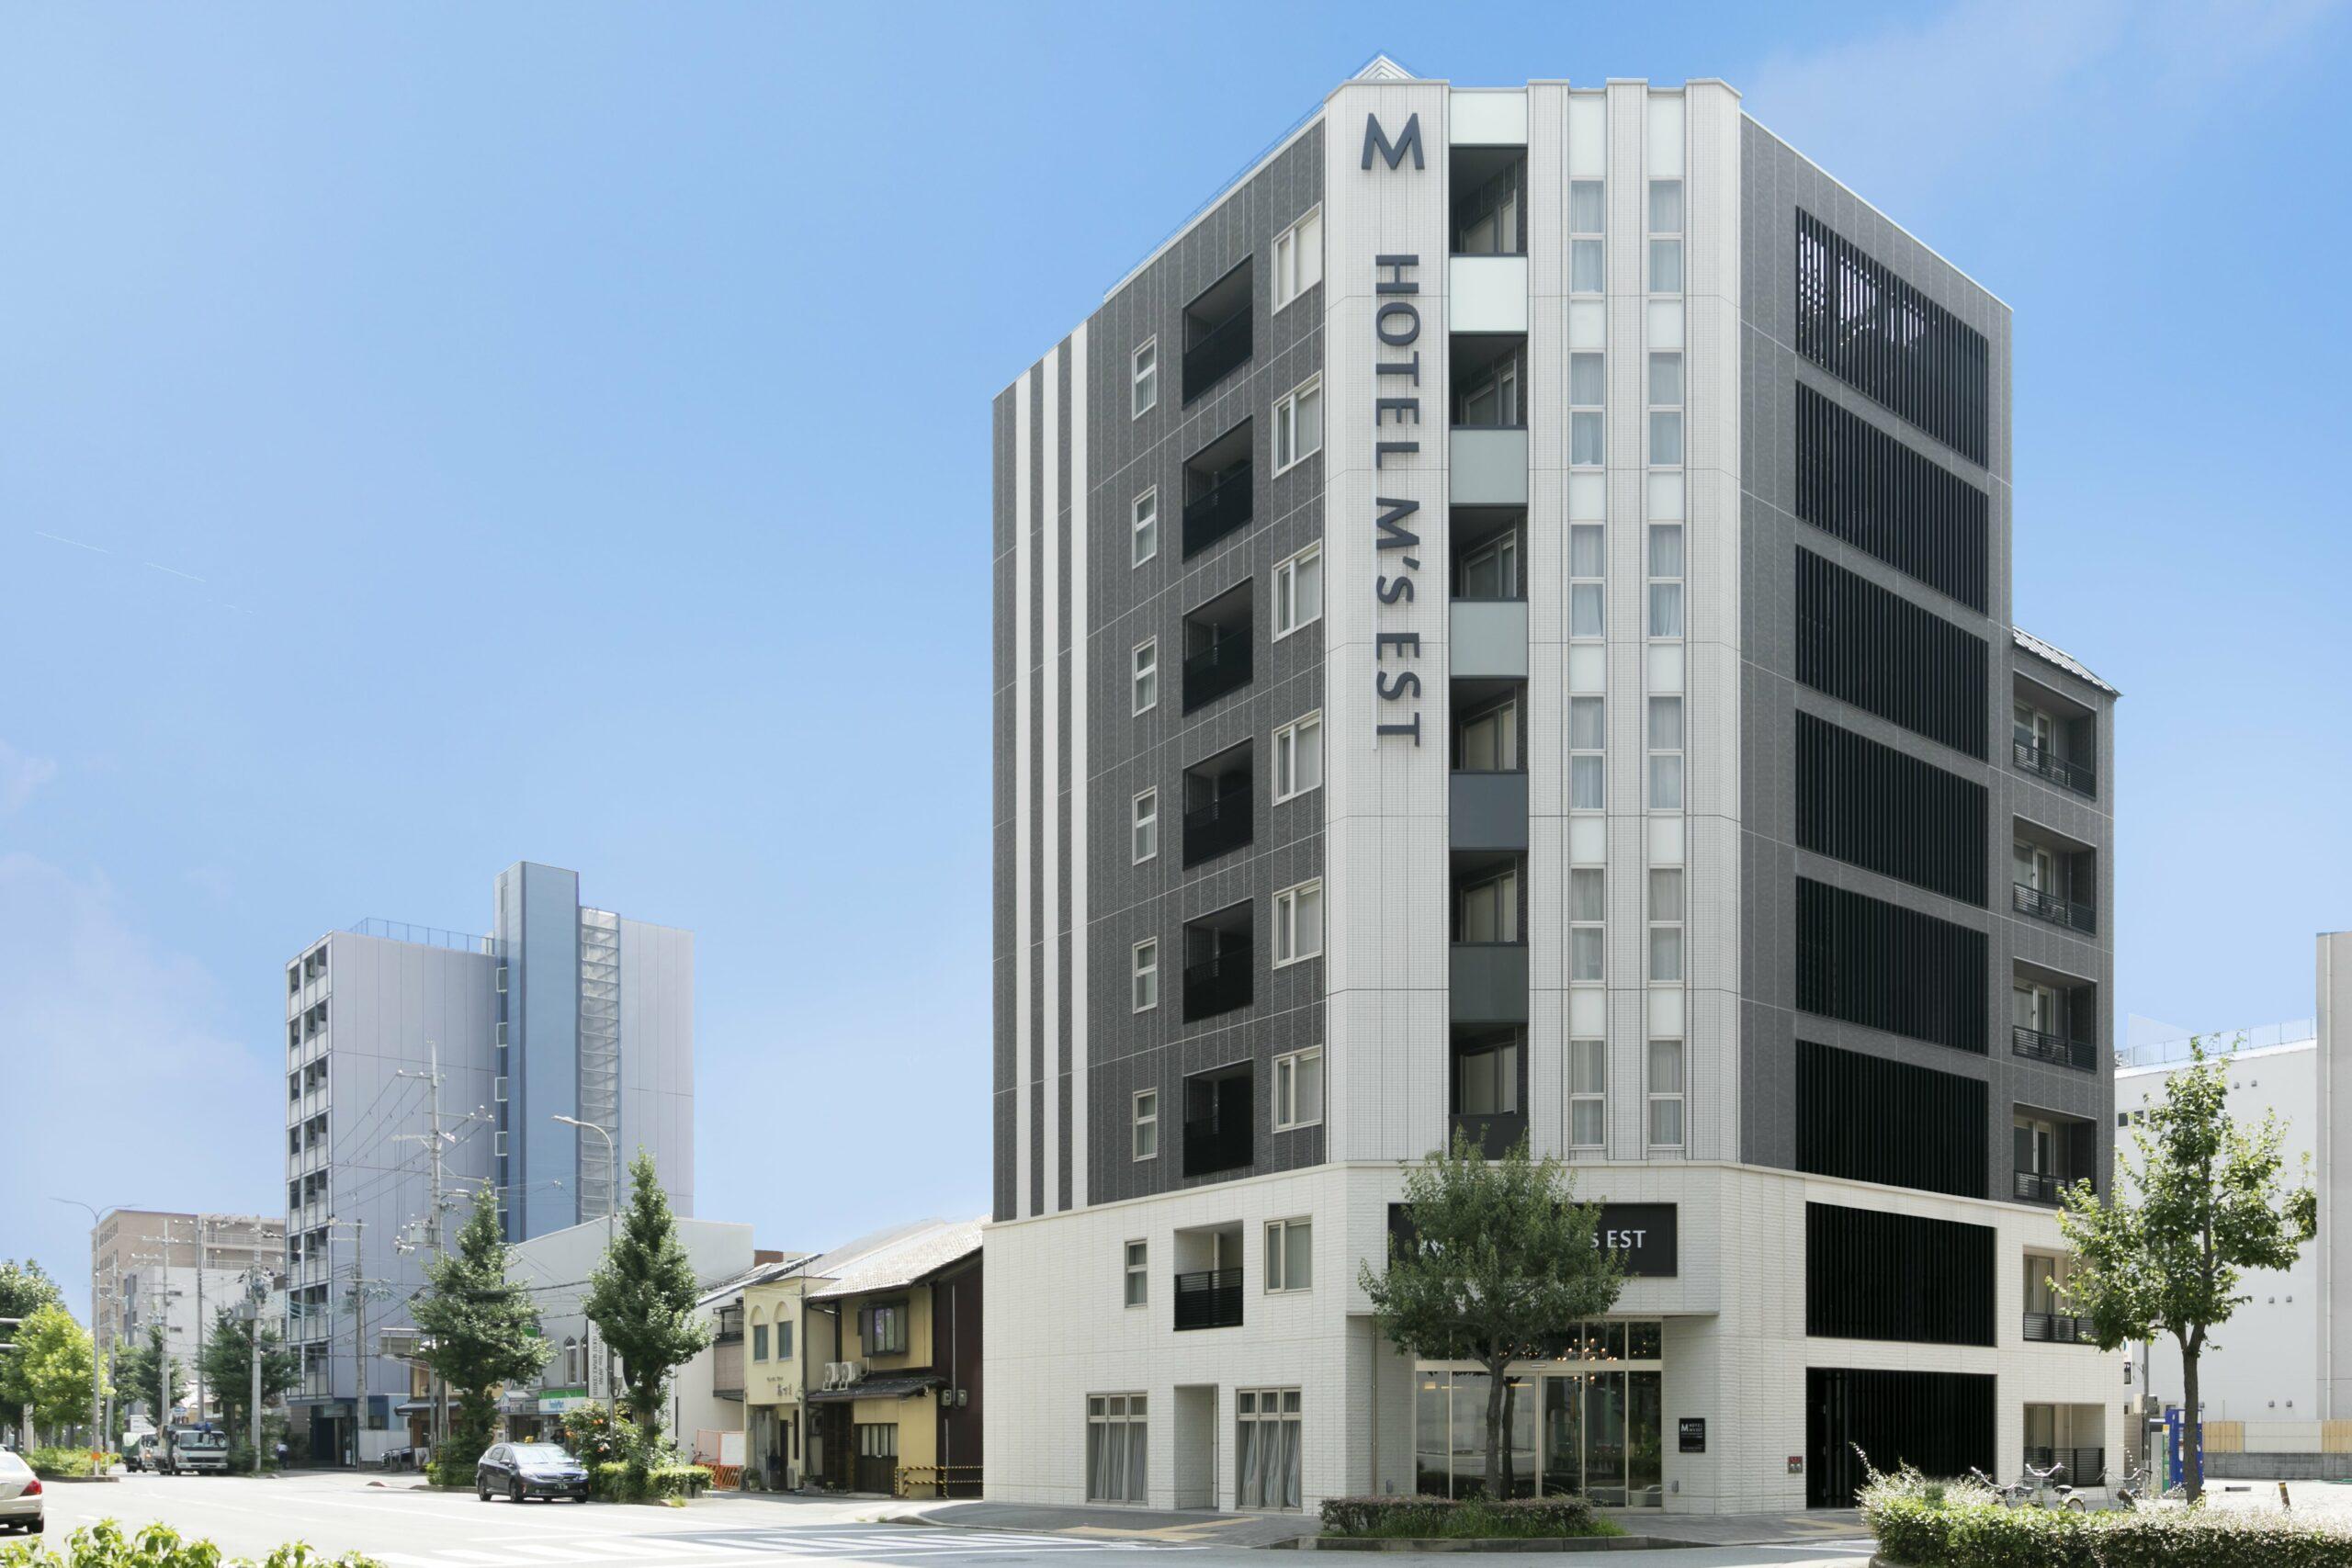 ホテル エムズ・エスト京都駅南のイメージ写真